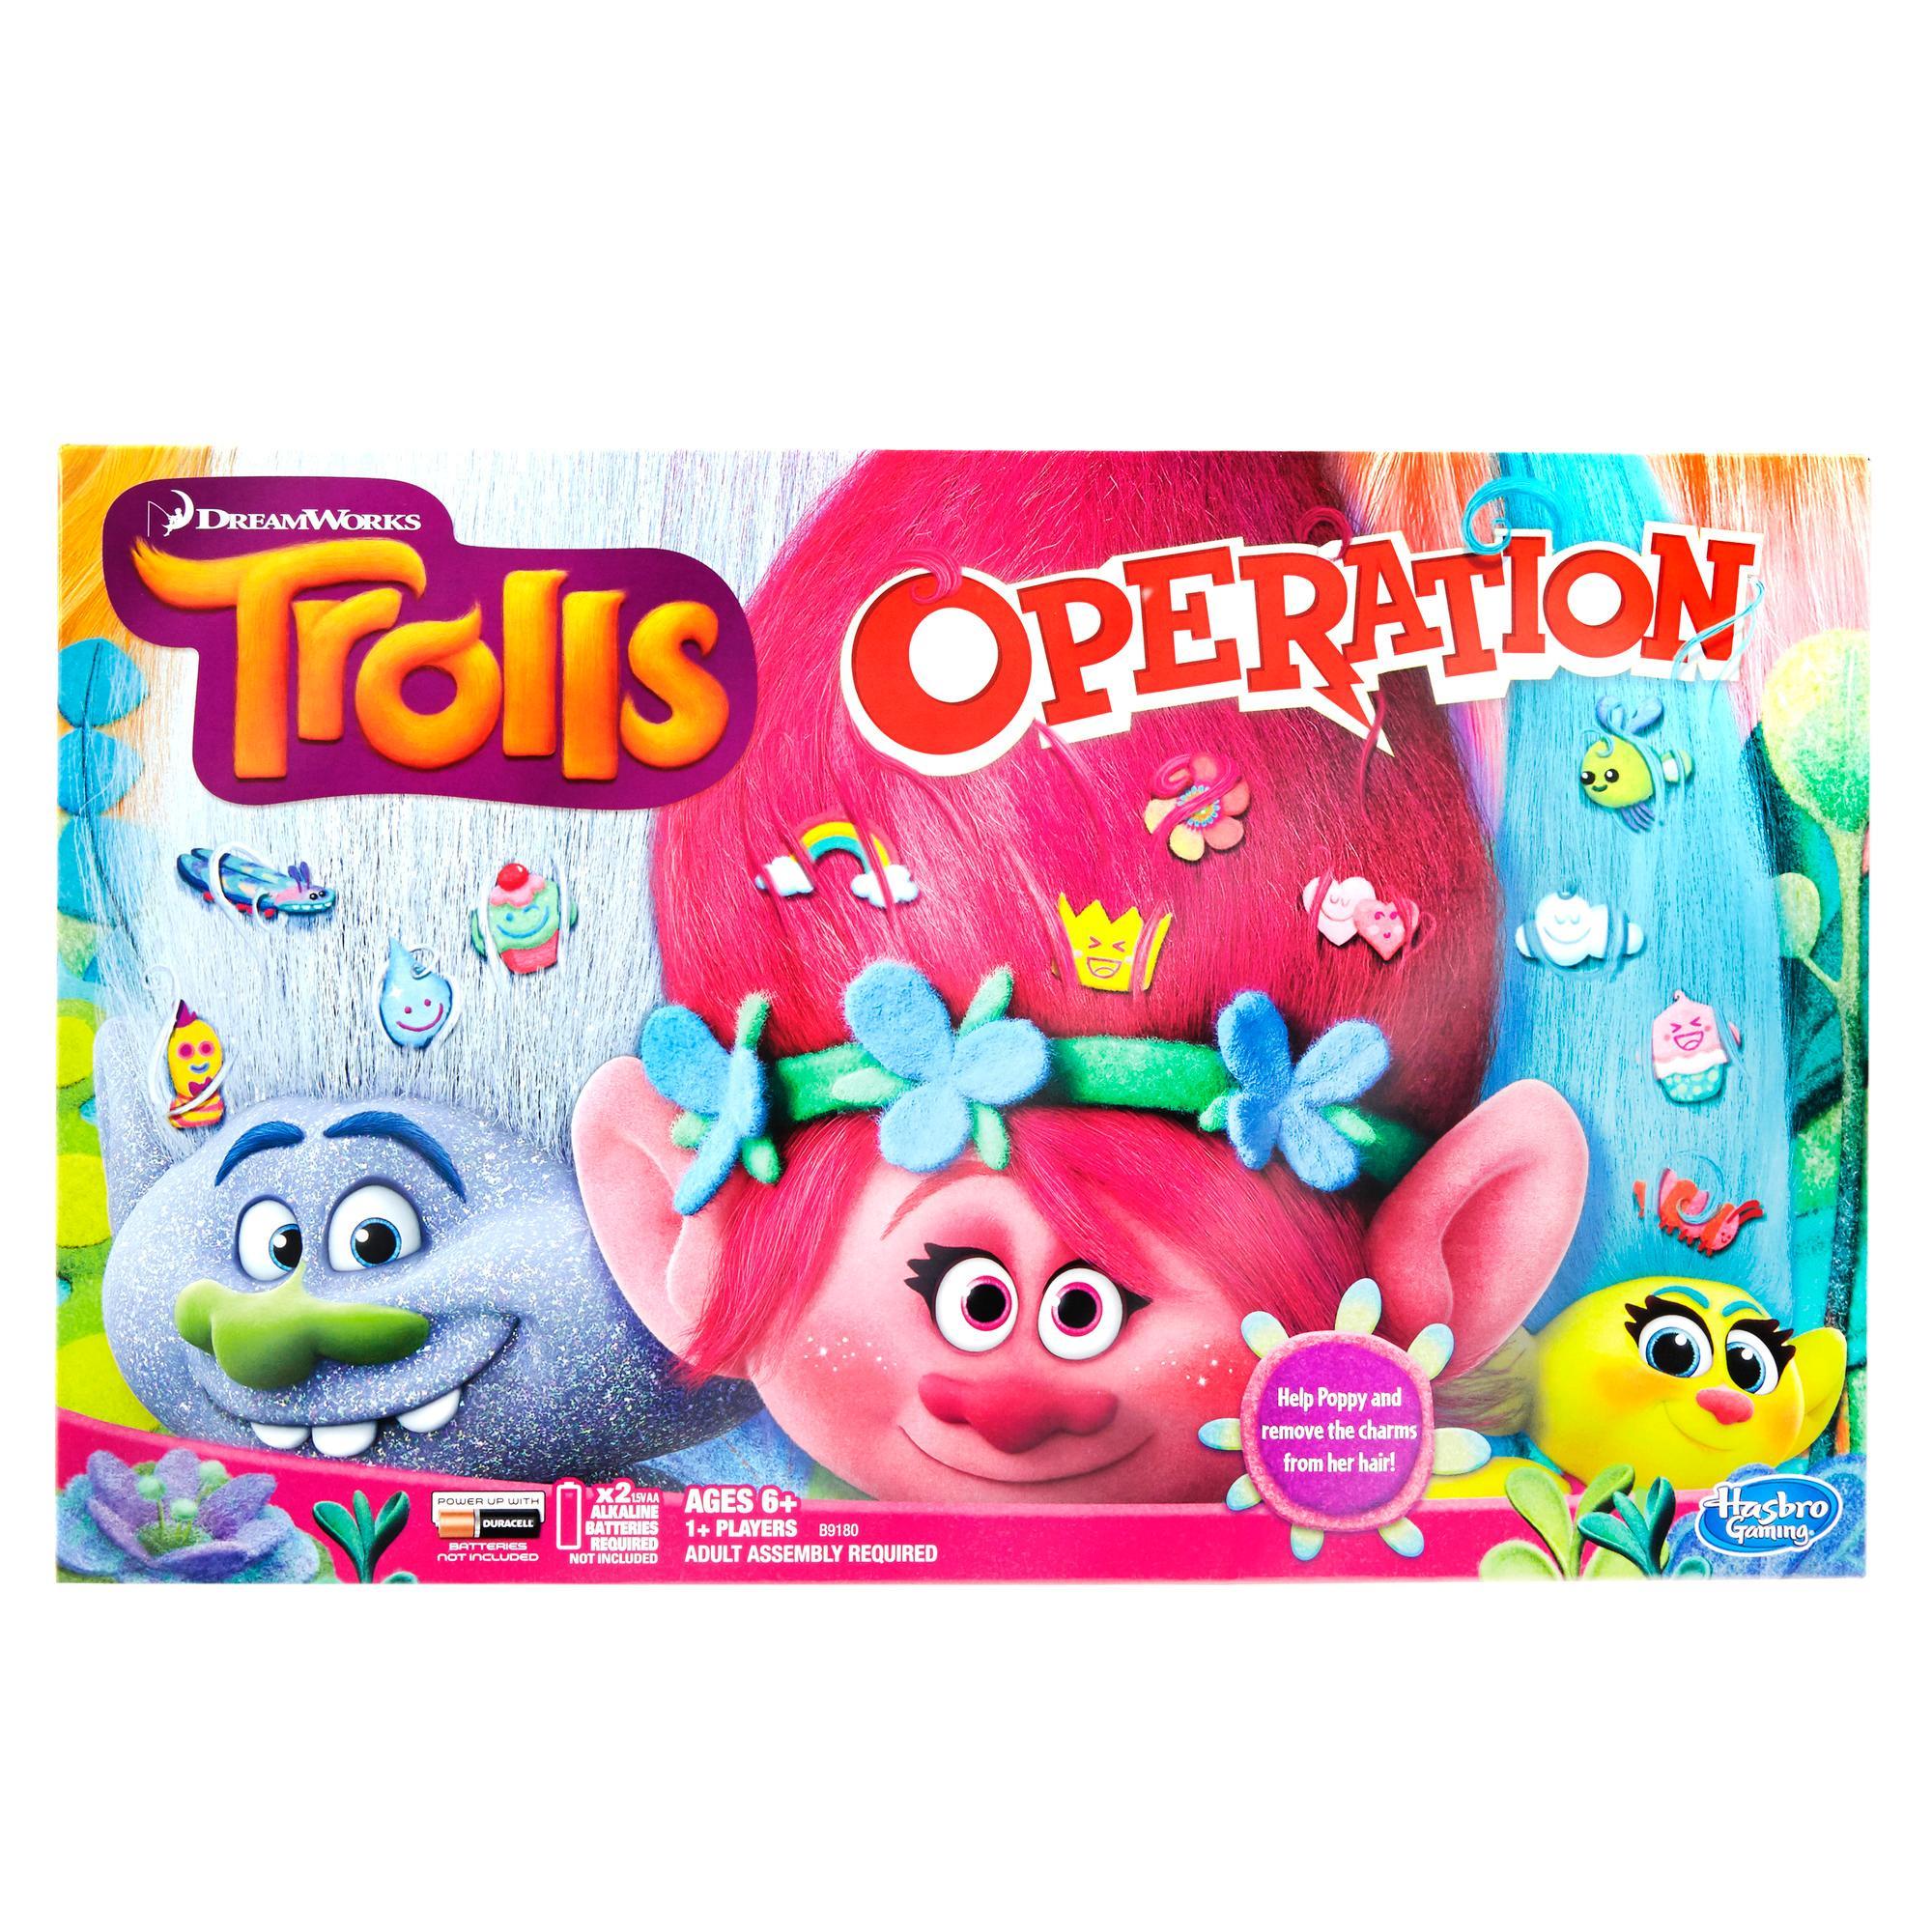 Jogo Operando: Edição DreamWorks Trolls